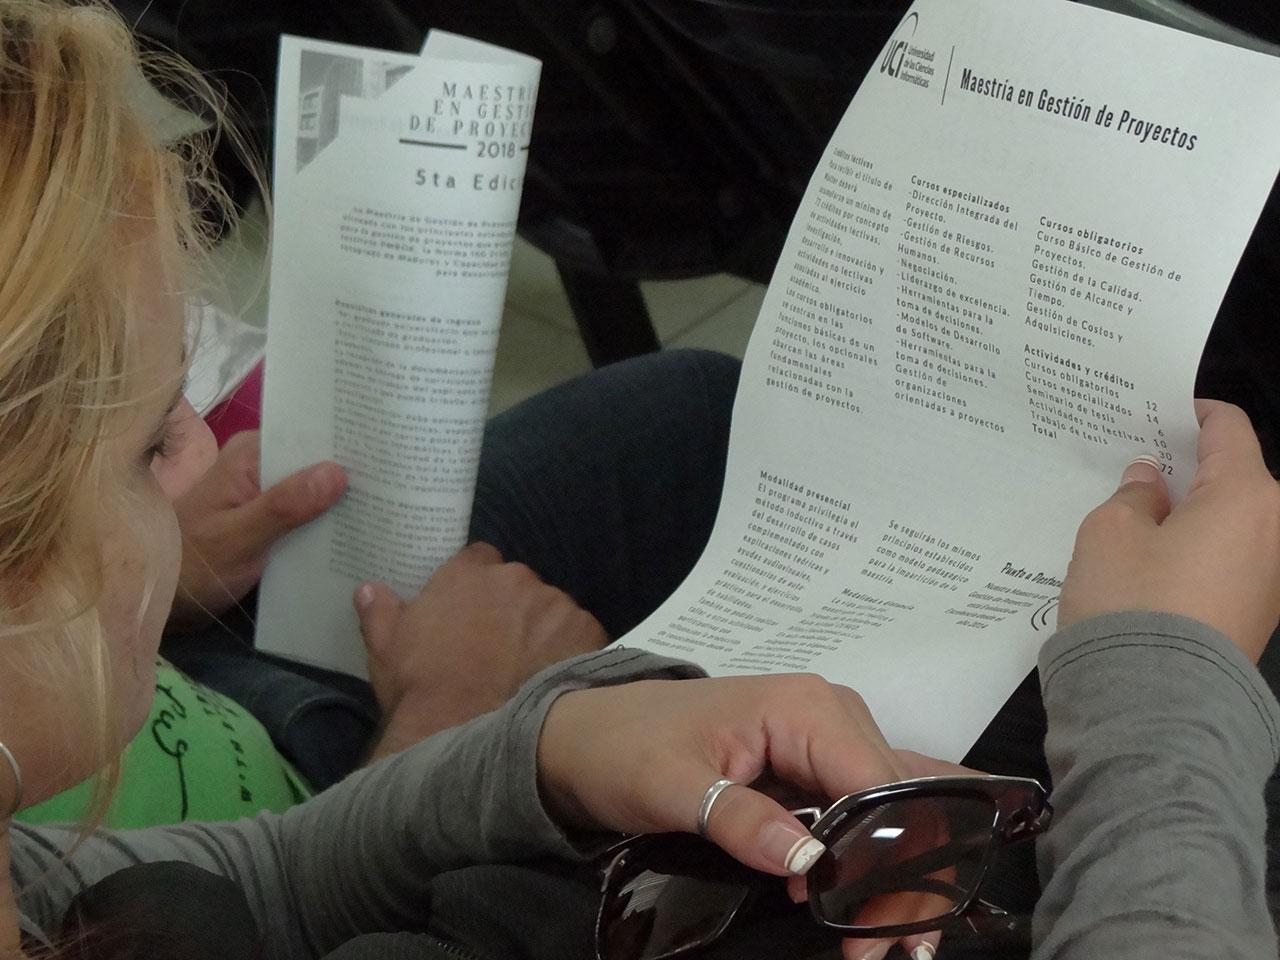 En la V Edición de la Maestría en Gestión de Proyectos se realizó la apertura del primer programa de posgrado en el país de Educación a Distancia, protagonizado por la Universidad de las Ciencias Informáticas